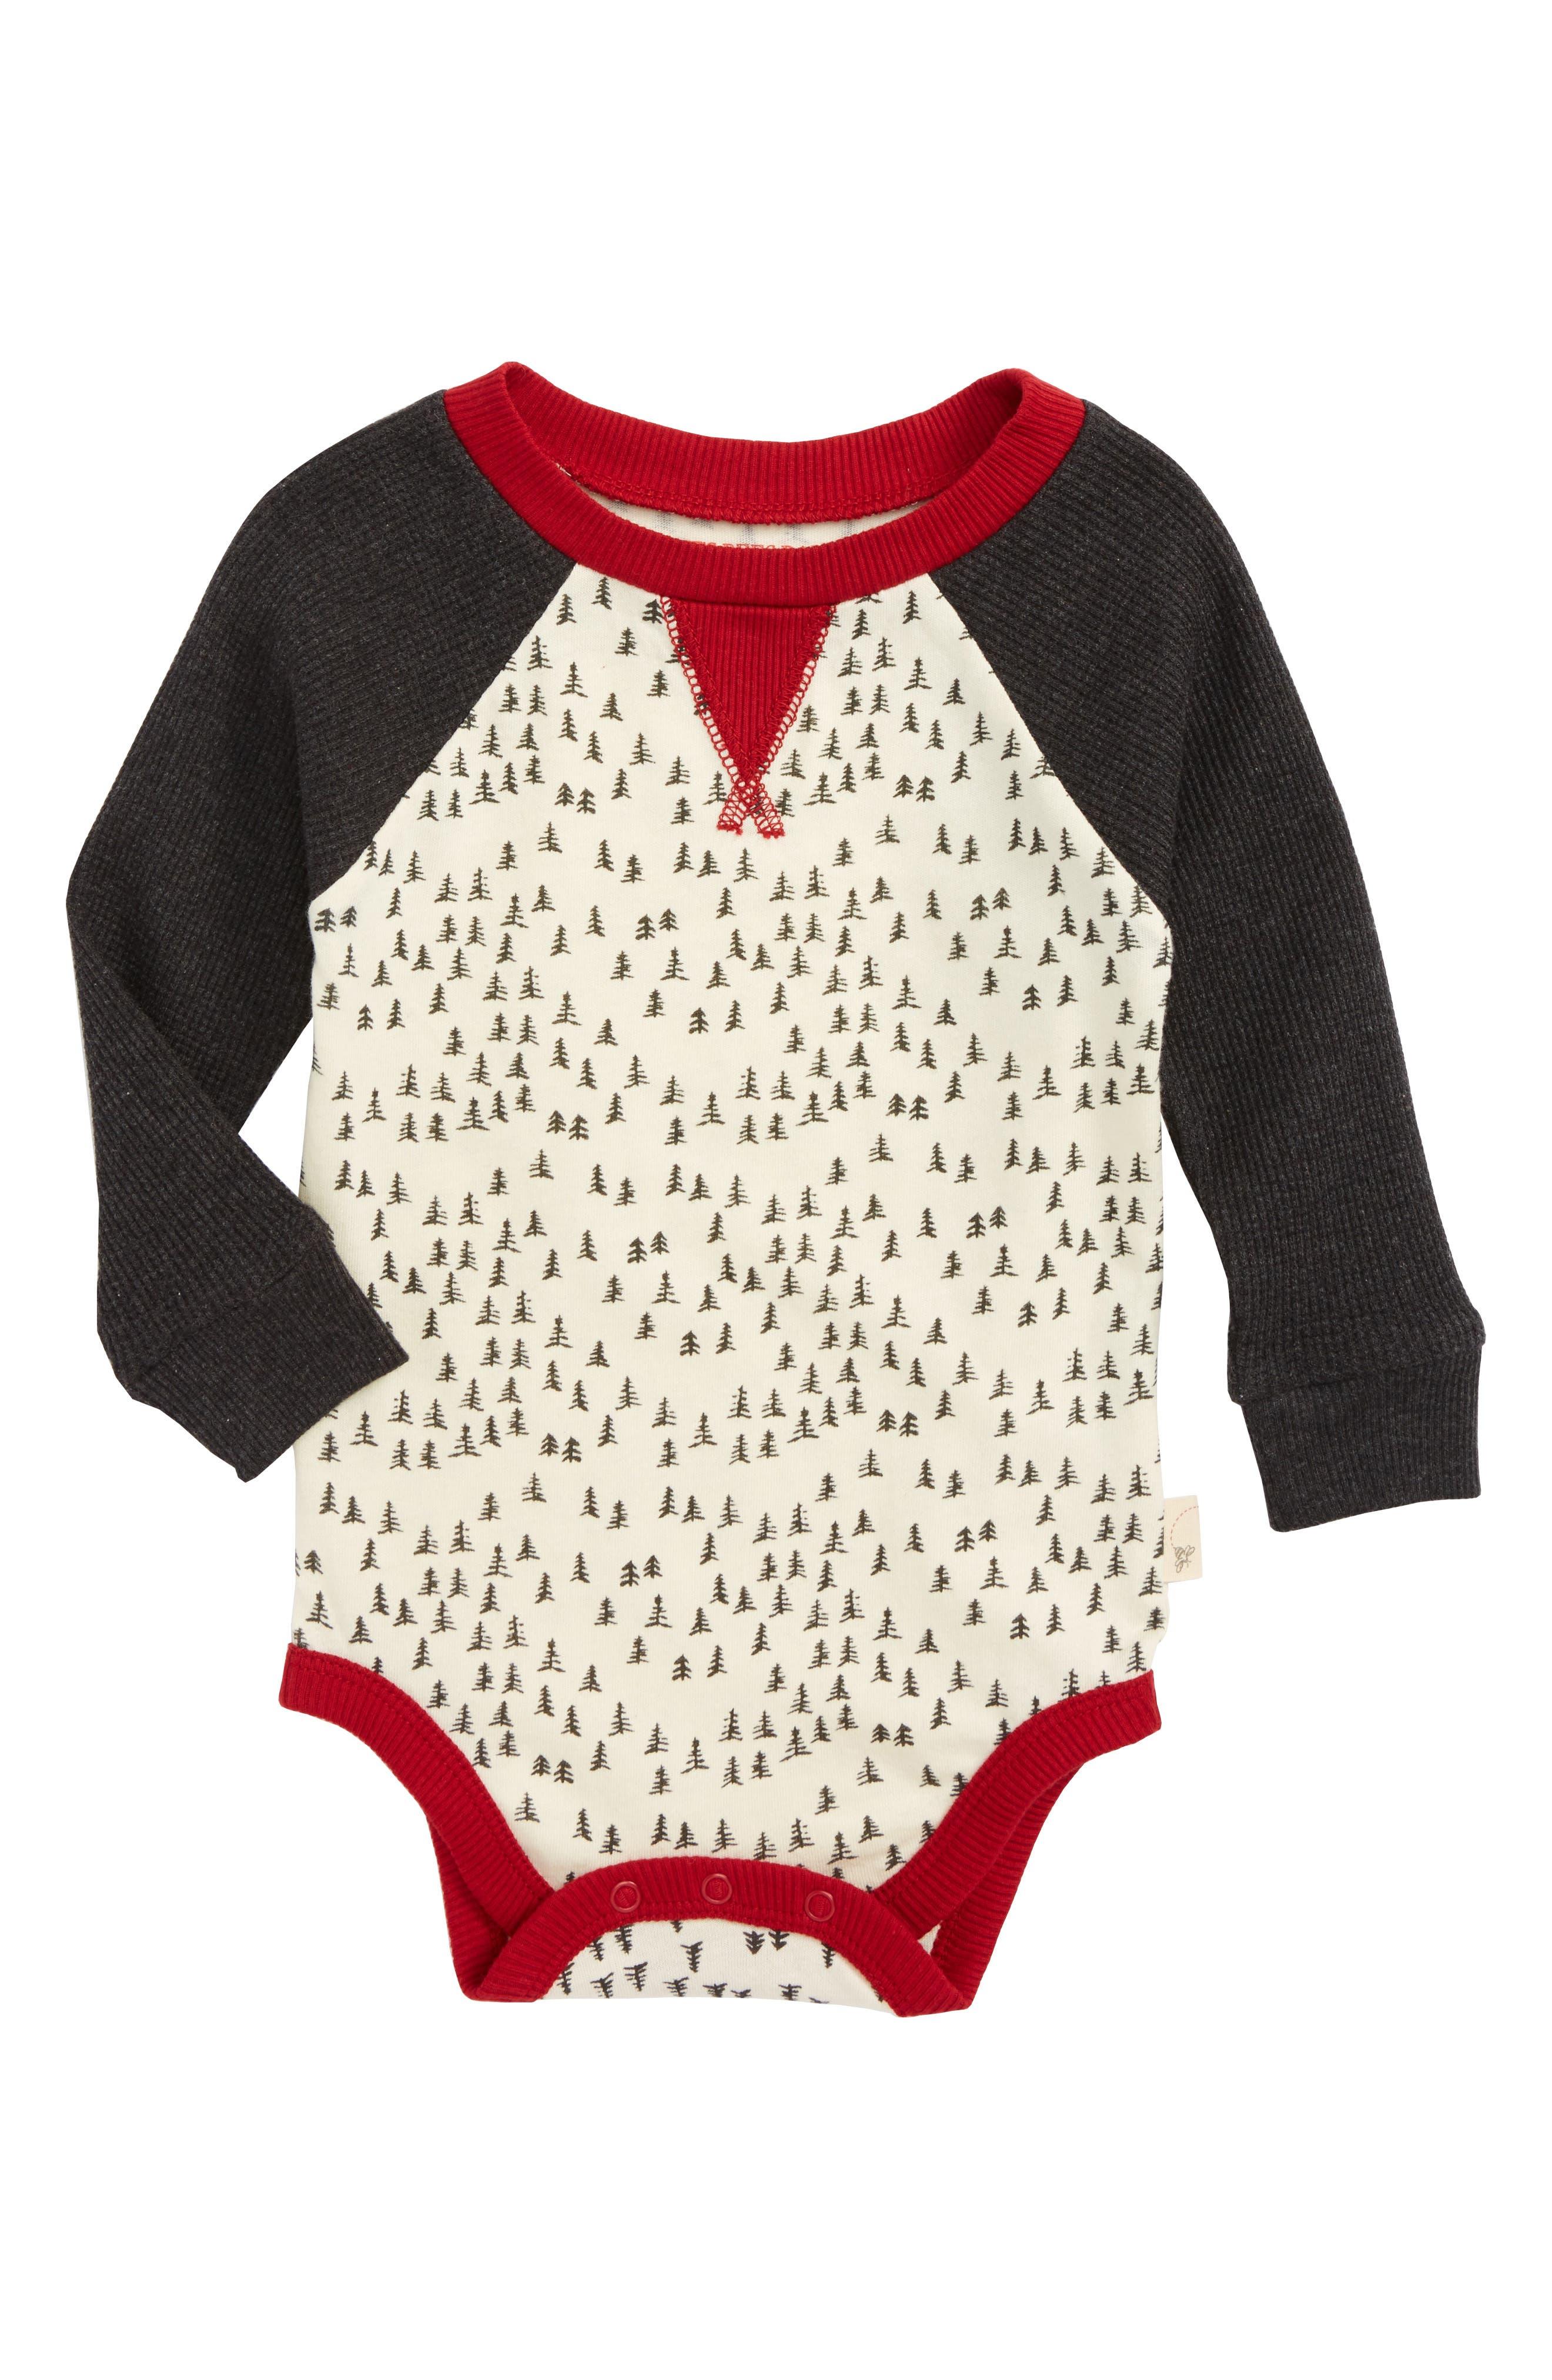 Main Image - Burt's Bees Baby Organic Cotton Bodysuit (Baby)